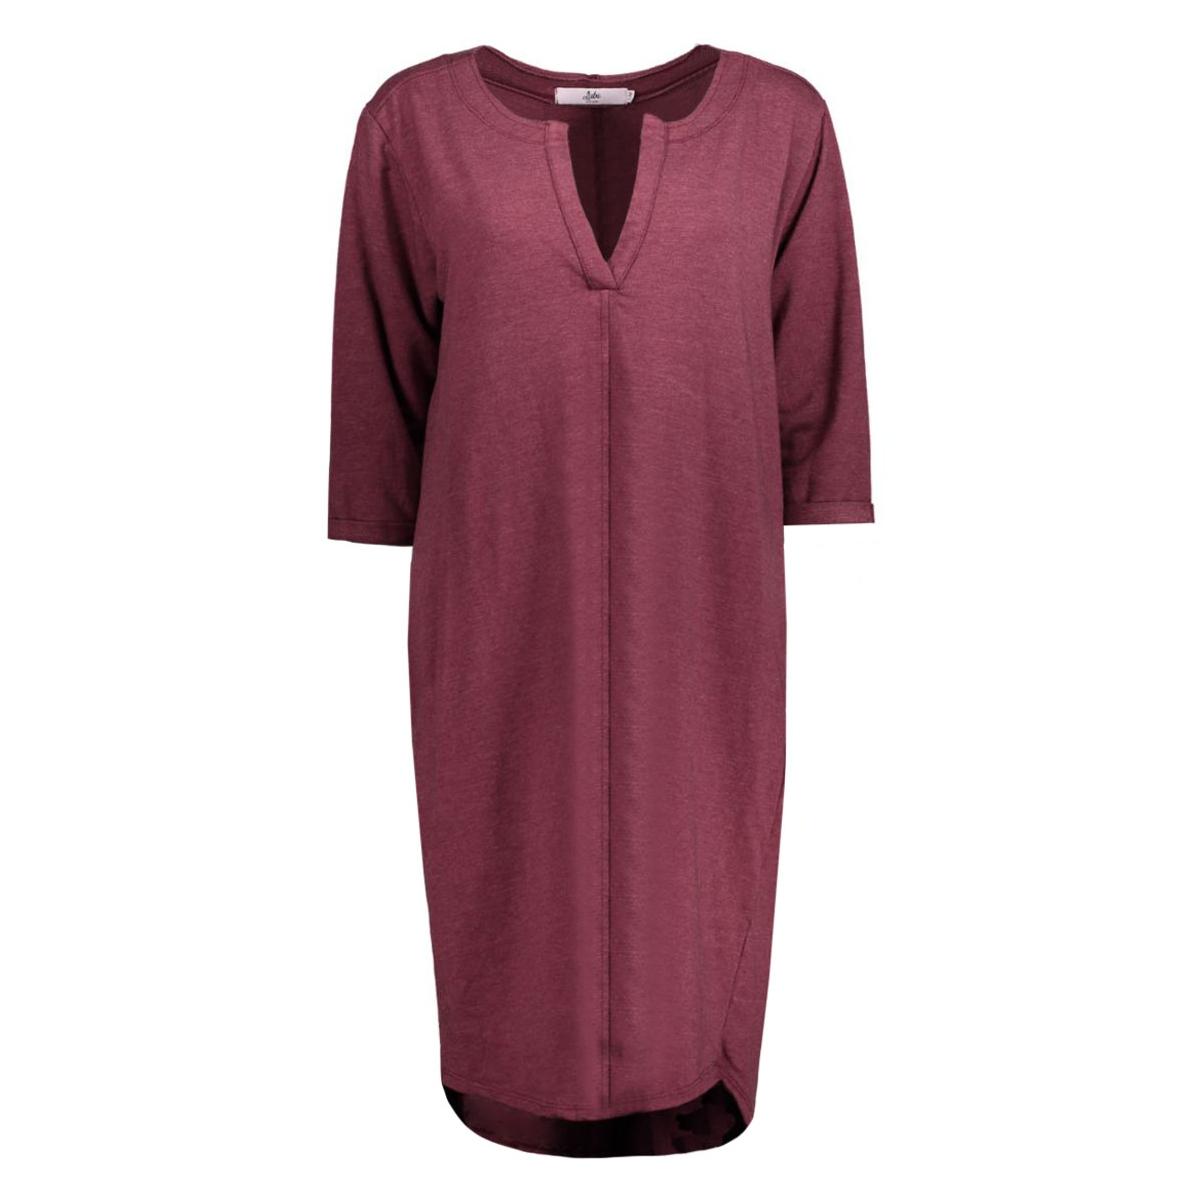 8135 dress v-neck luba jurk bordeaux